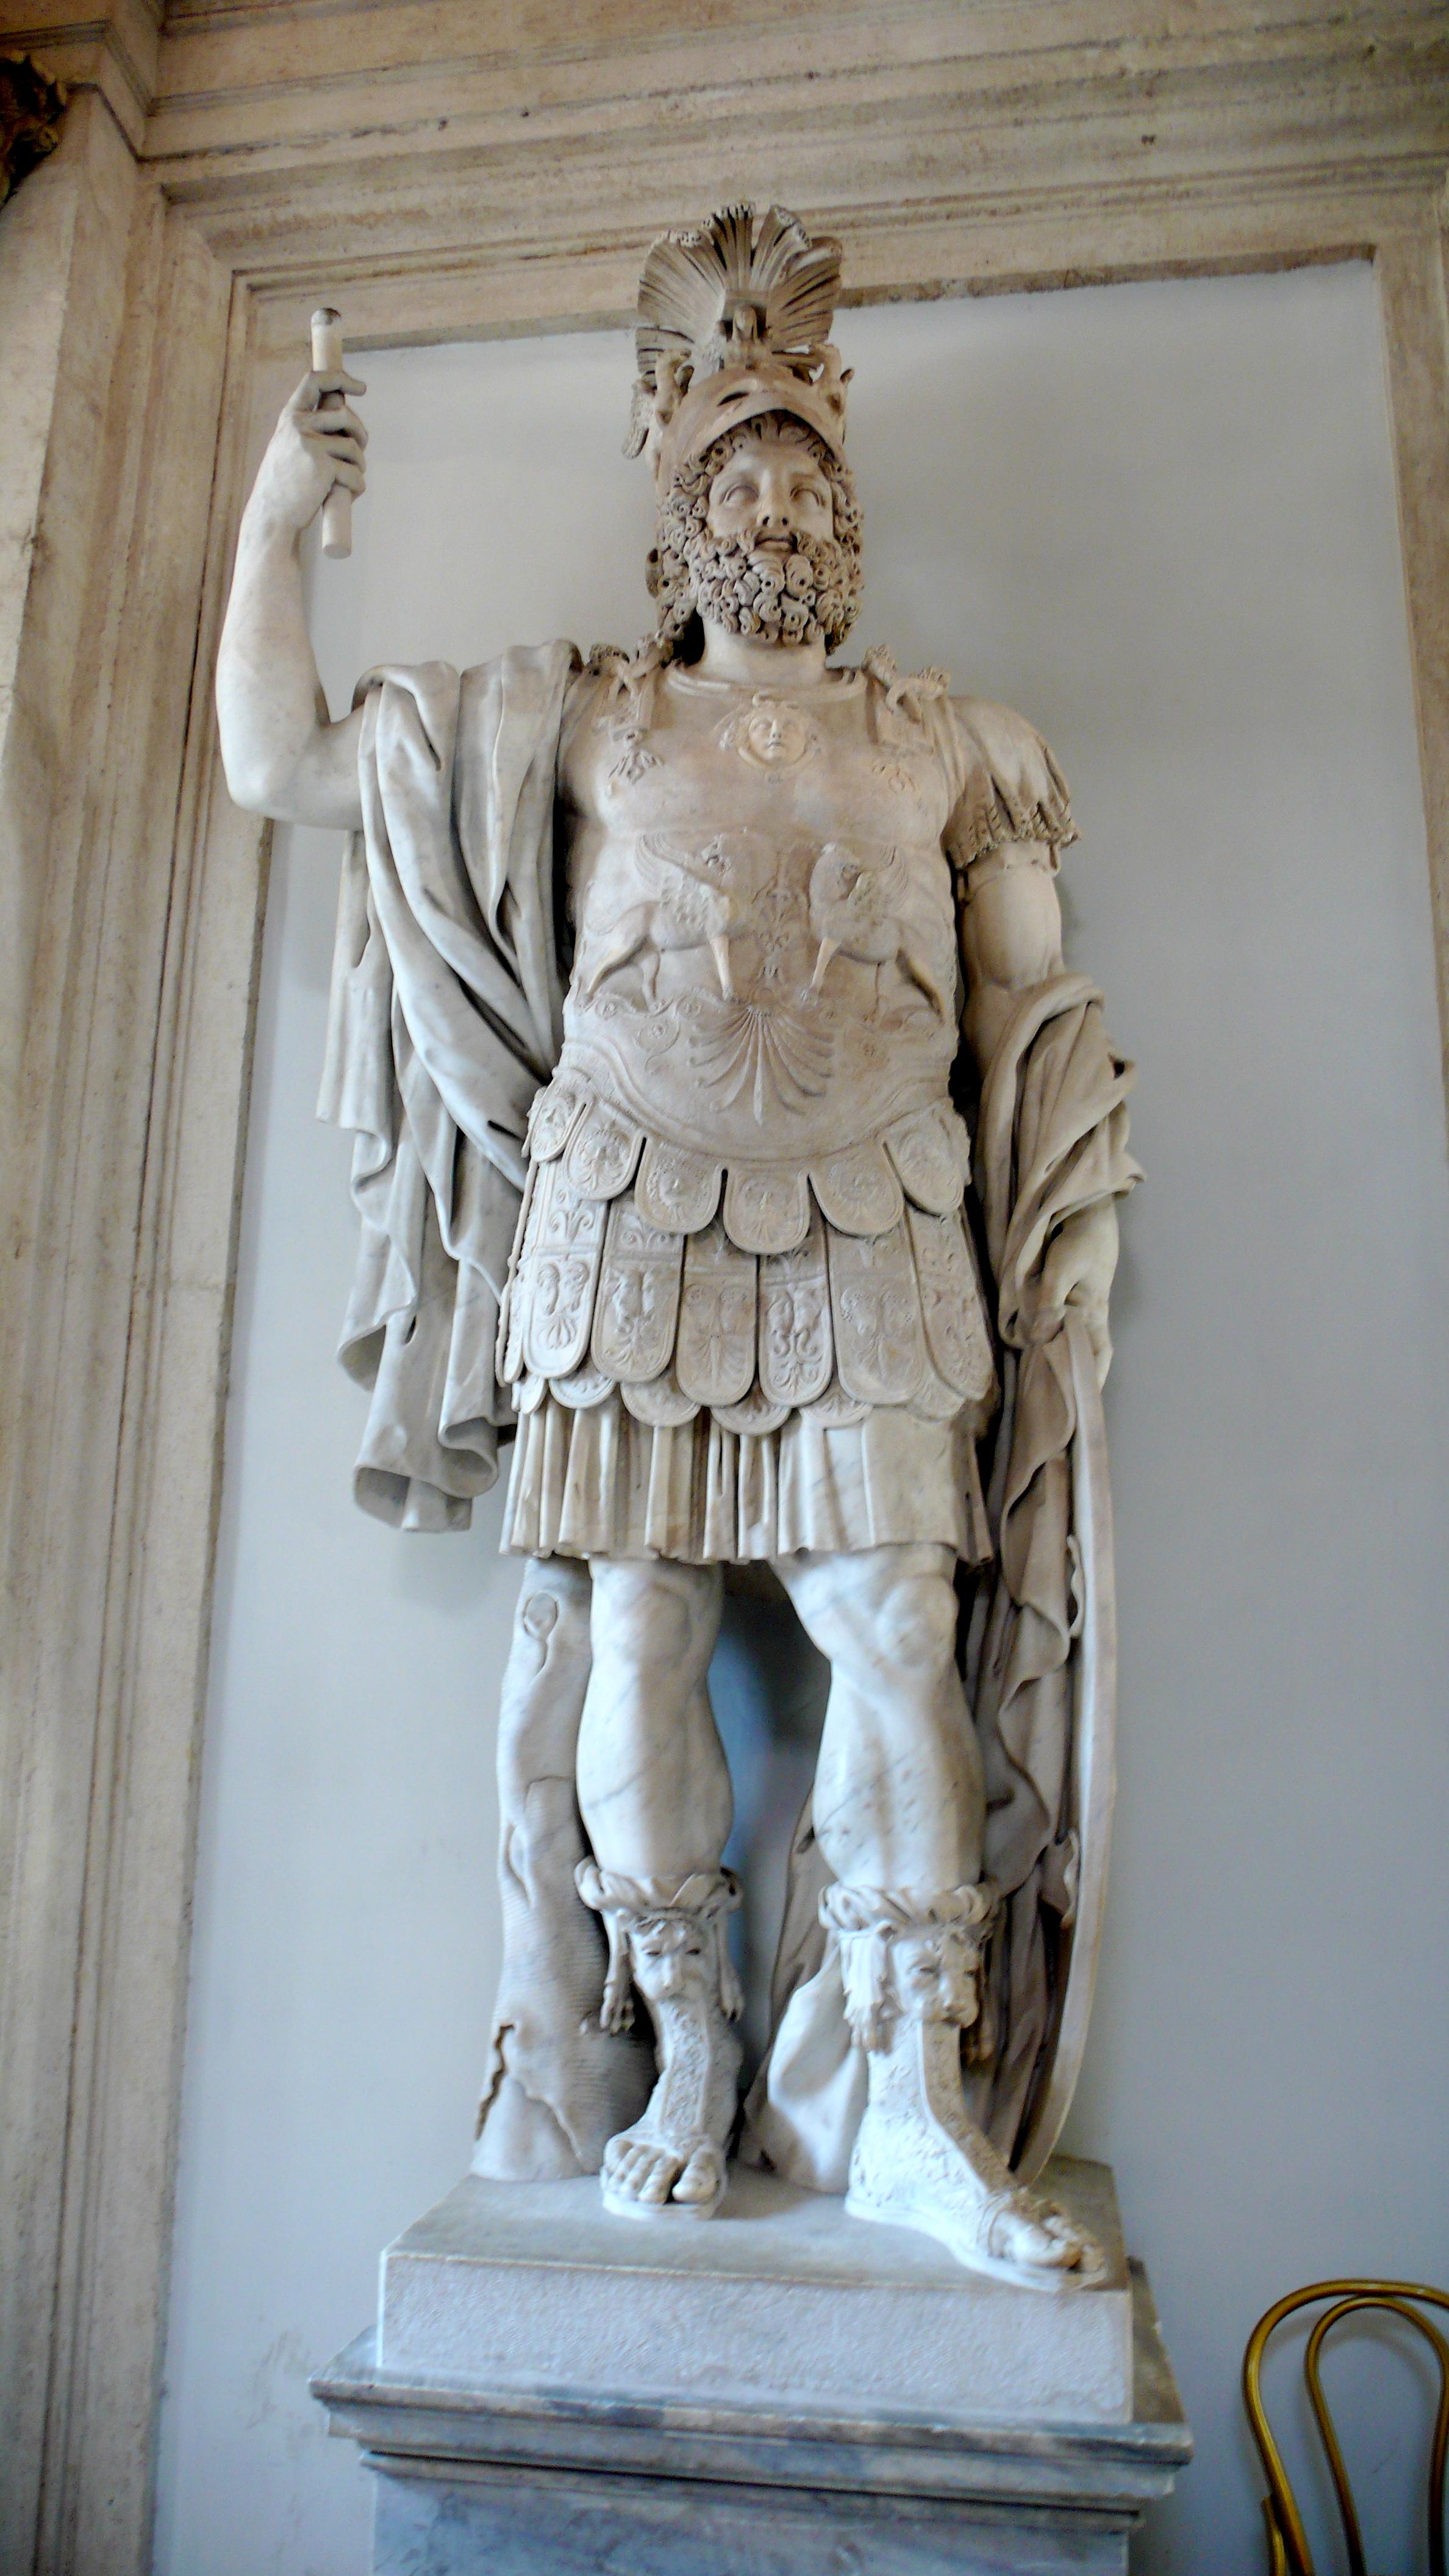 Italian art historians